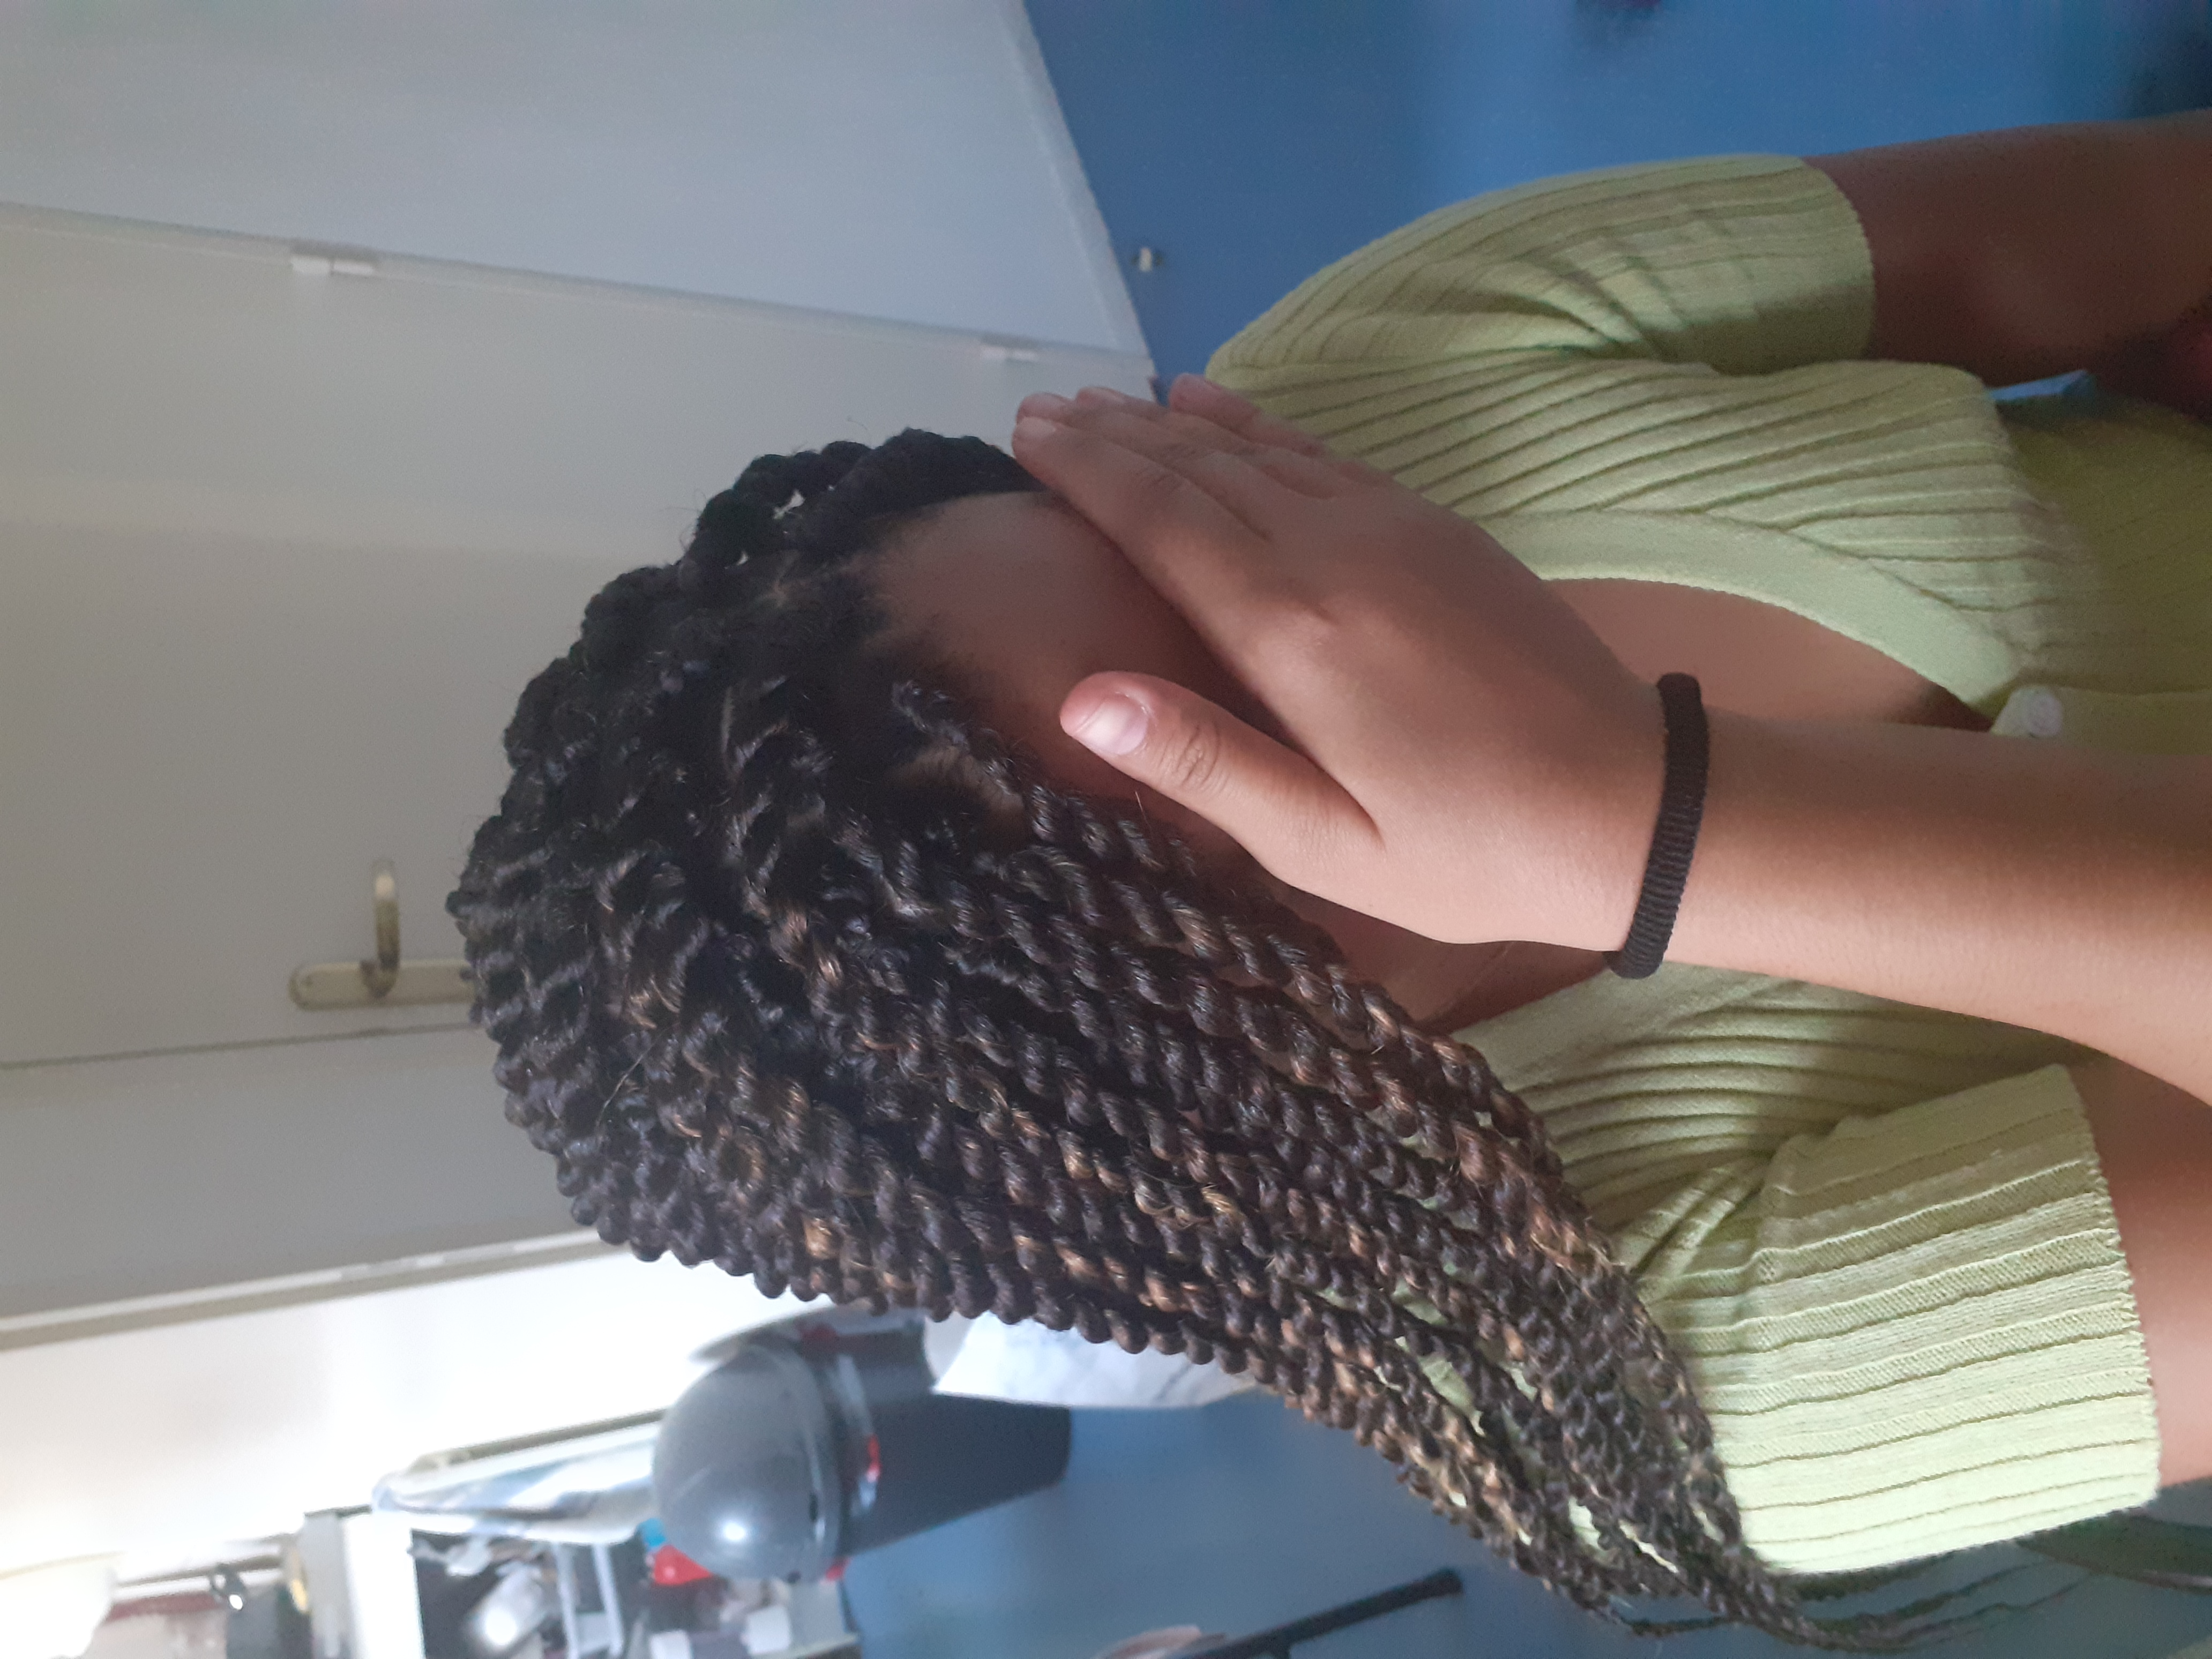 salon de coiffure afro tresse tresses box braids crochet braids vanilles tissages paris 75 77 78 91 92 93 94 95 EMPRQEQT